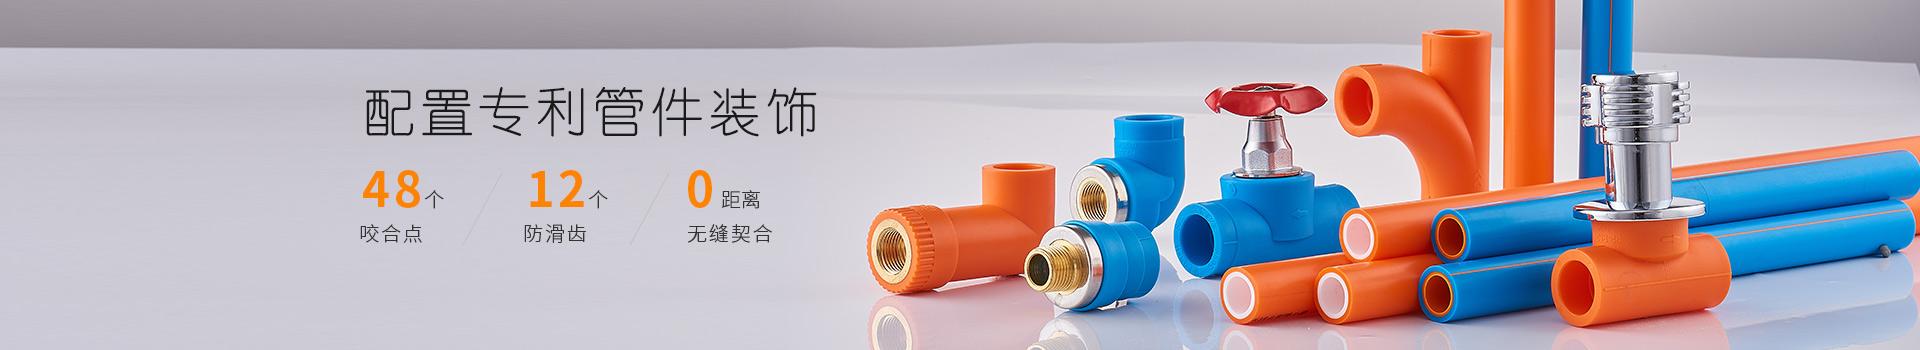 全能E家-配置专利管件装饰